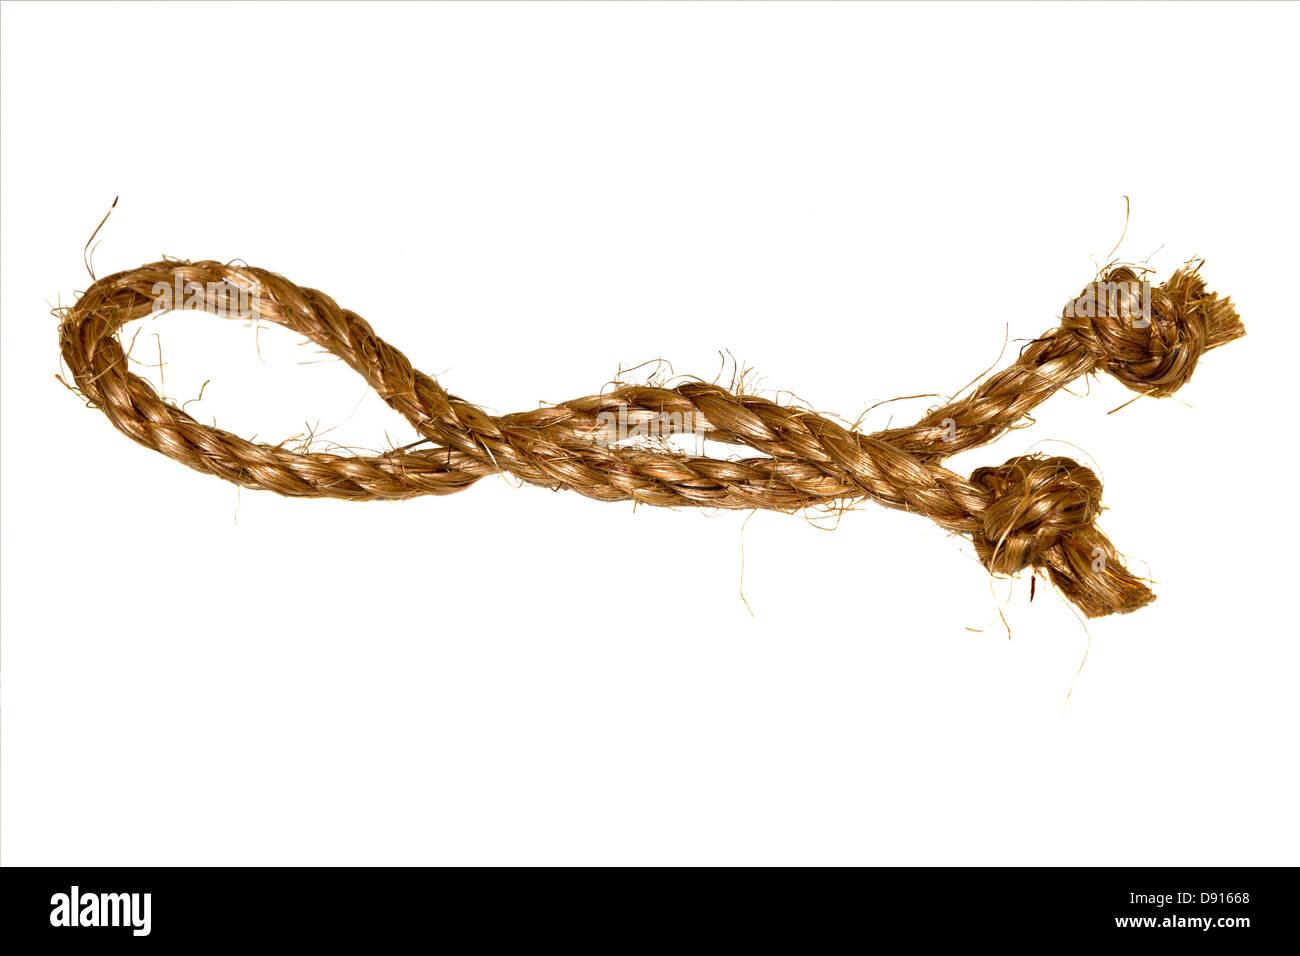 Cuerda de cáñamo sobre un fondo blanco. Imagen De Stock